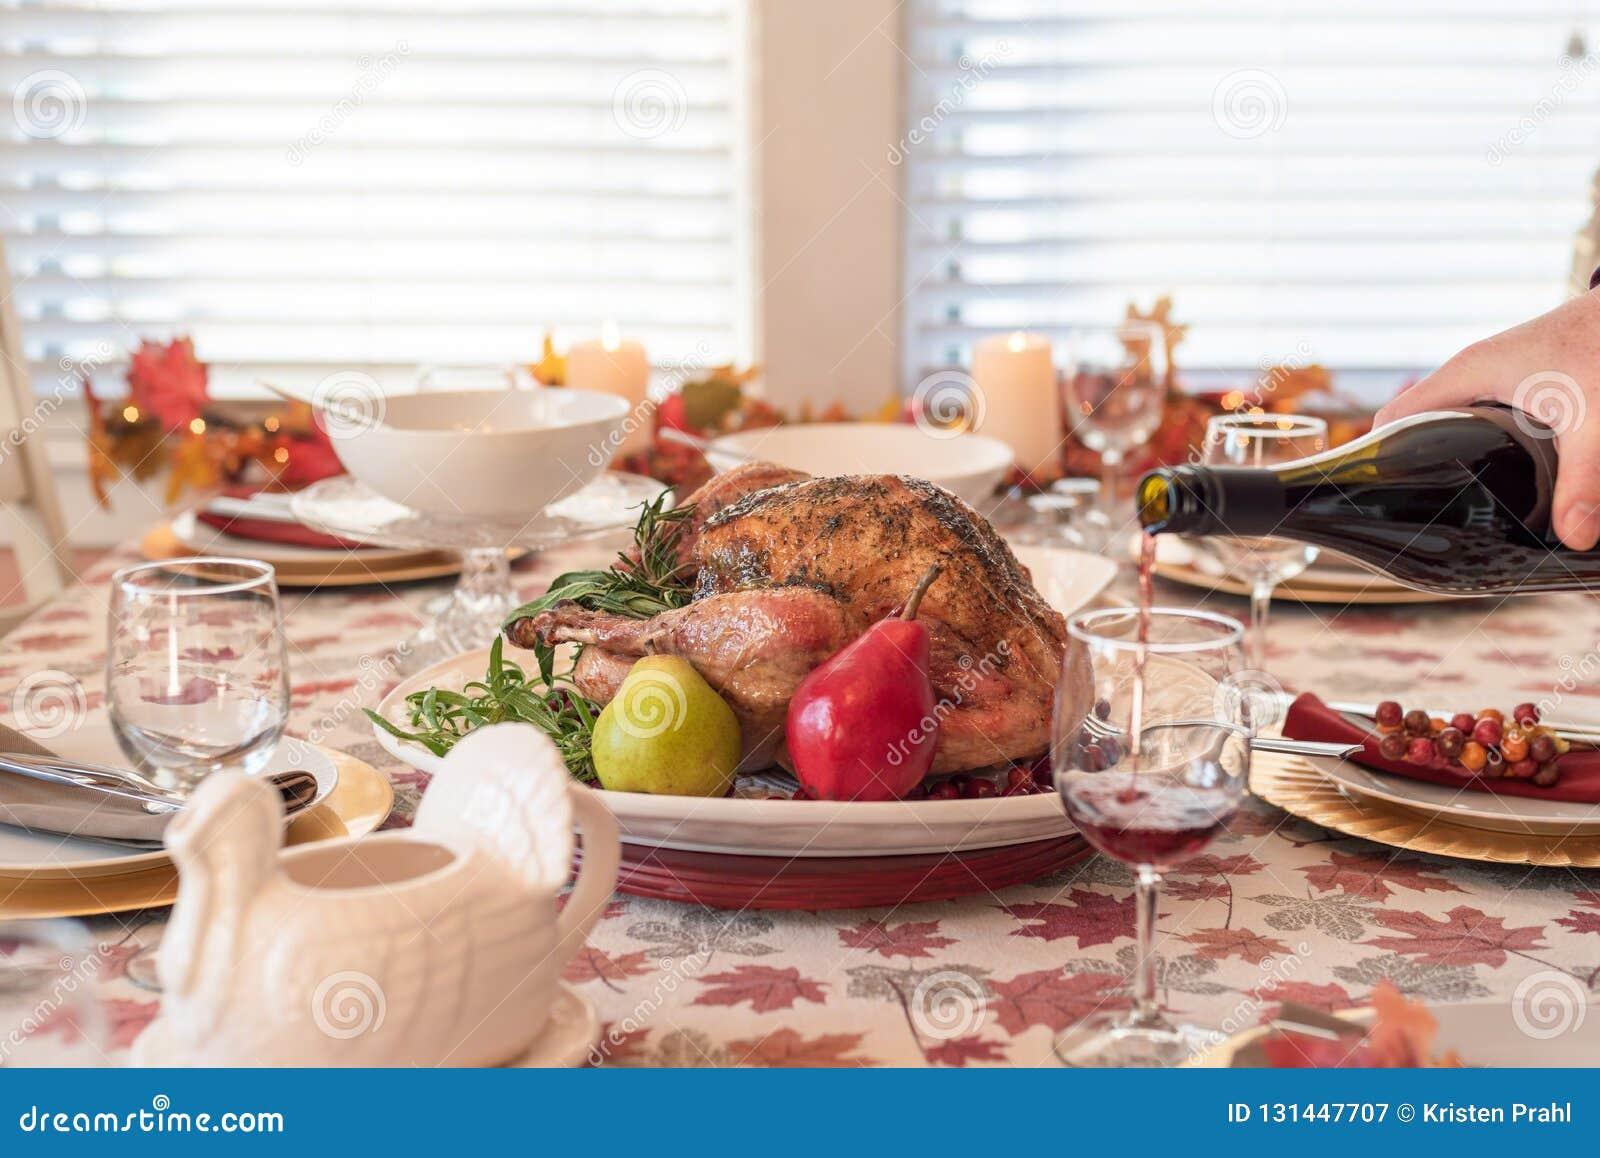 Tabela de jantar do feriado com peru roasted, vinho tinto de derramamento do homem no primeiro plano